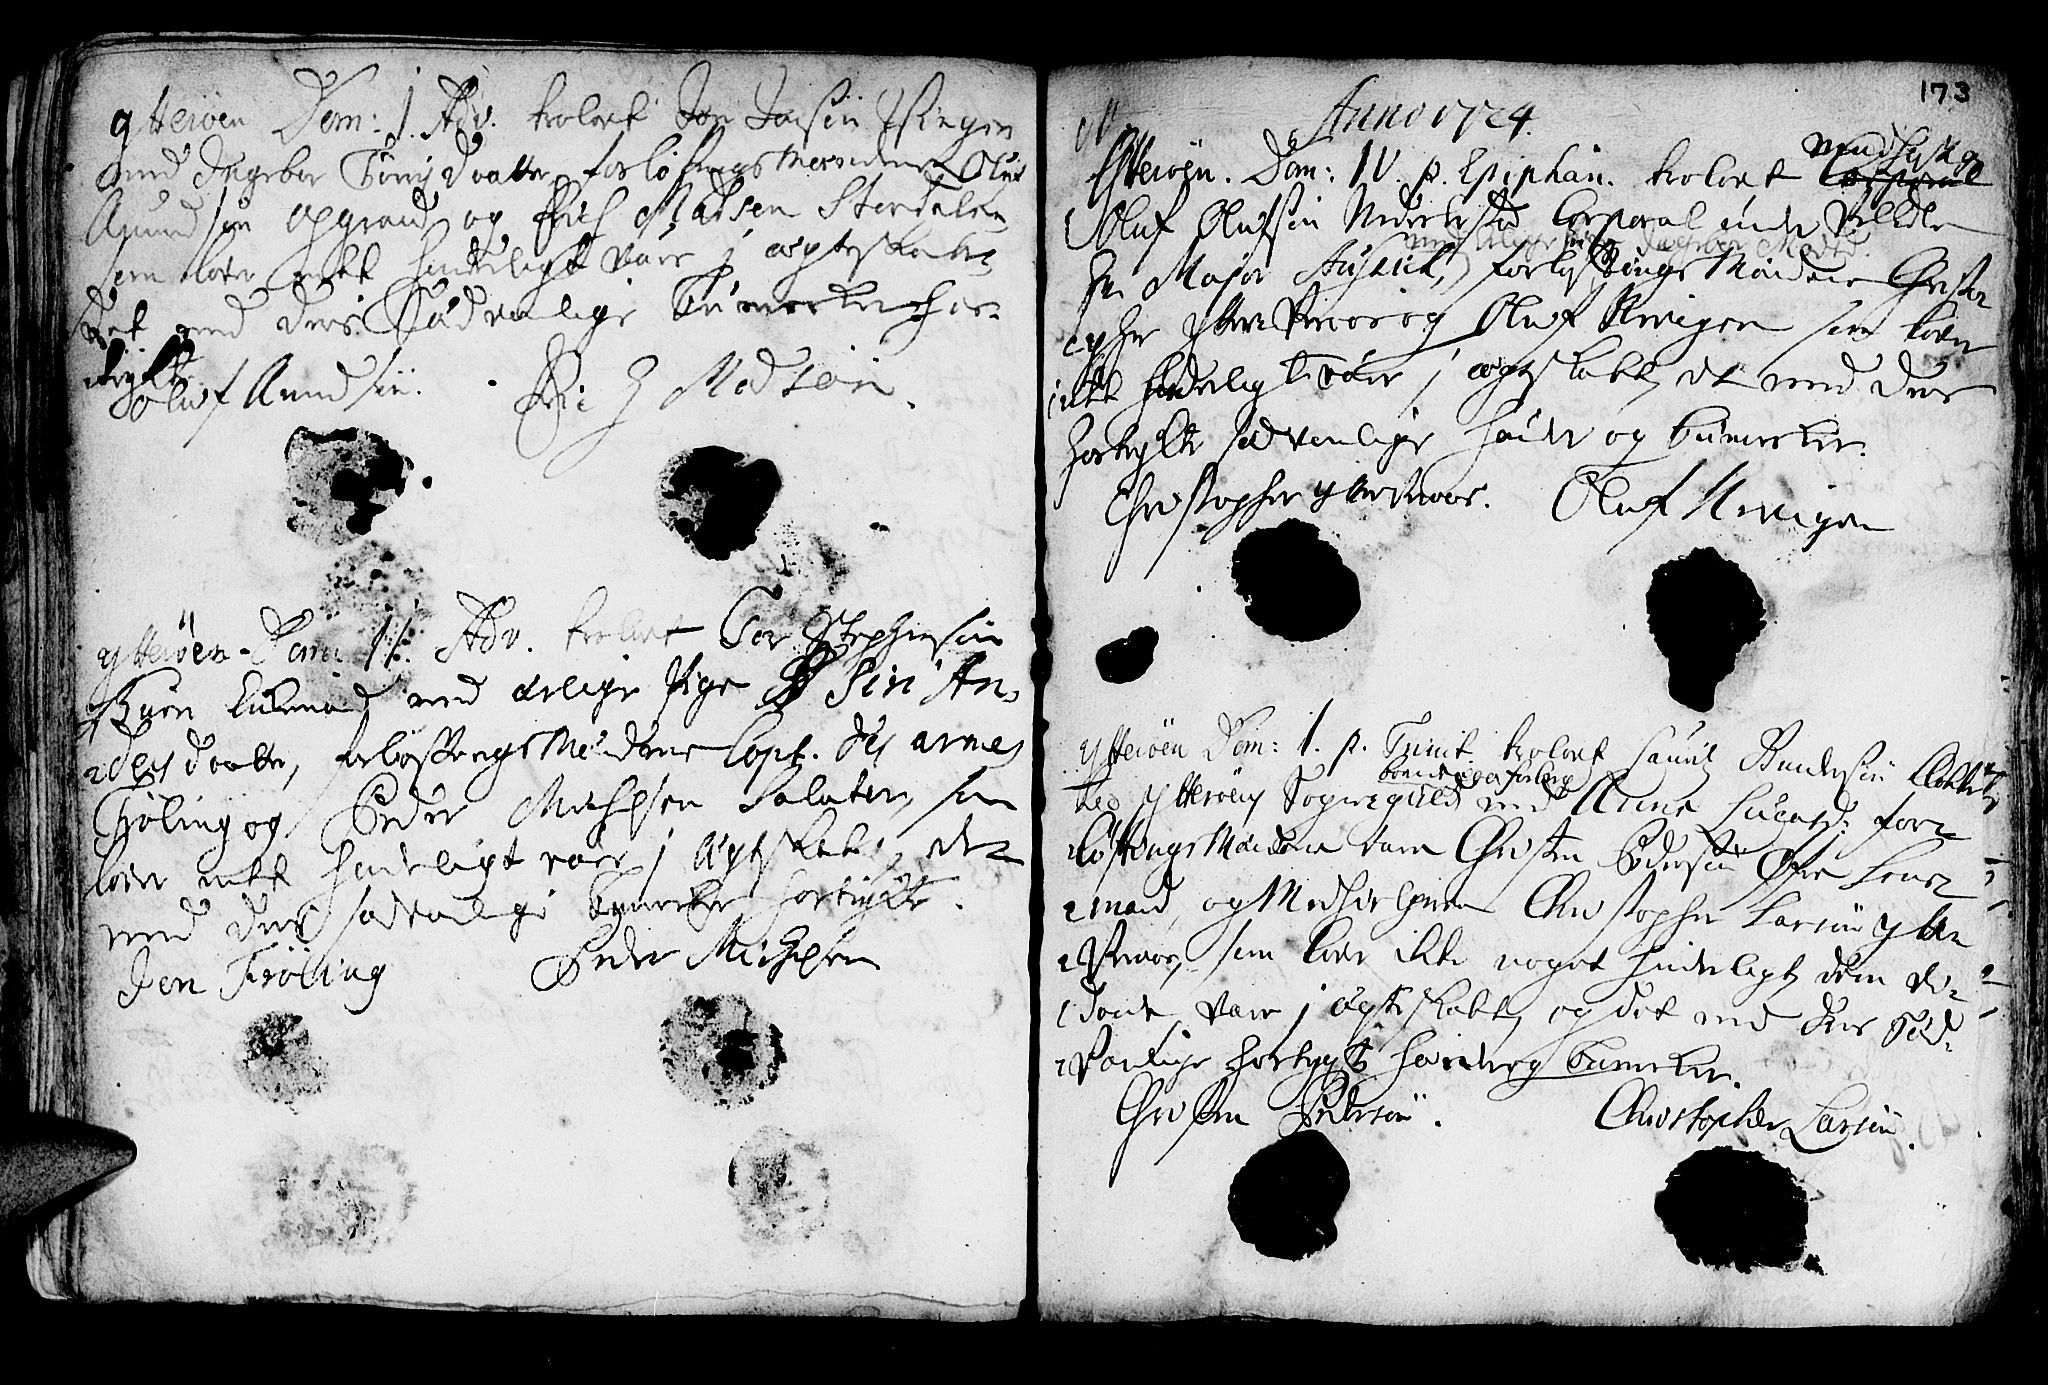 SAT, Ministerialprotokoller, klokkerbøker og fødselsregistre - Nord-Trøndelag, 722/L0215: Ministerialbok nr. 722A02, 1718-1755, s. 173